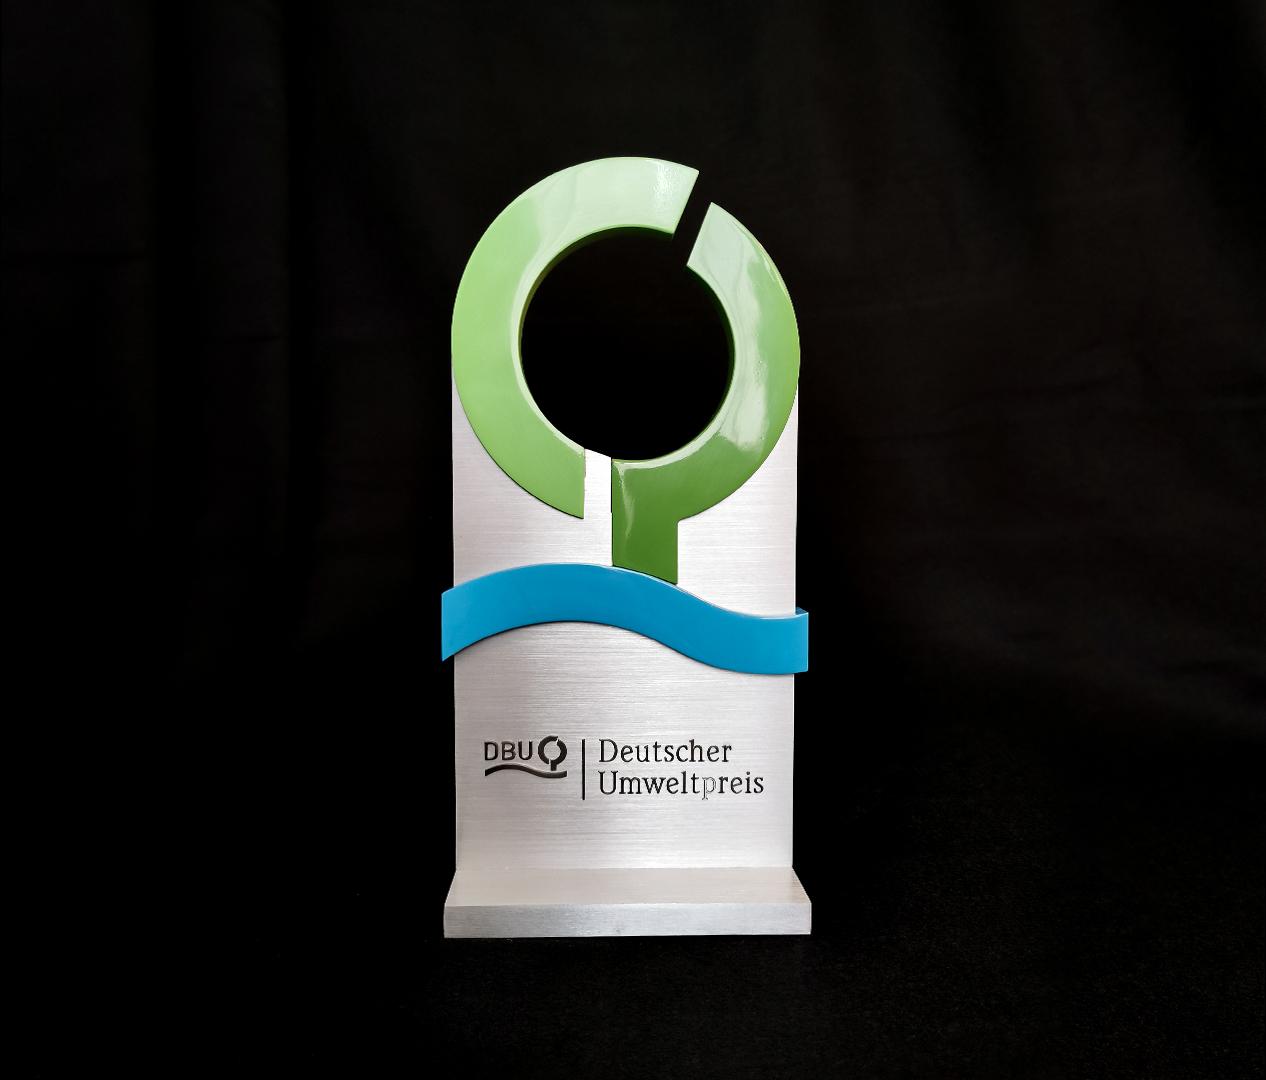 Deutscher Umweltpreis - DBU Deutsche Bundesstiftung Umwelt - Zweyloeven Werbeproduktion GmbH